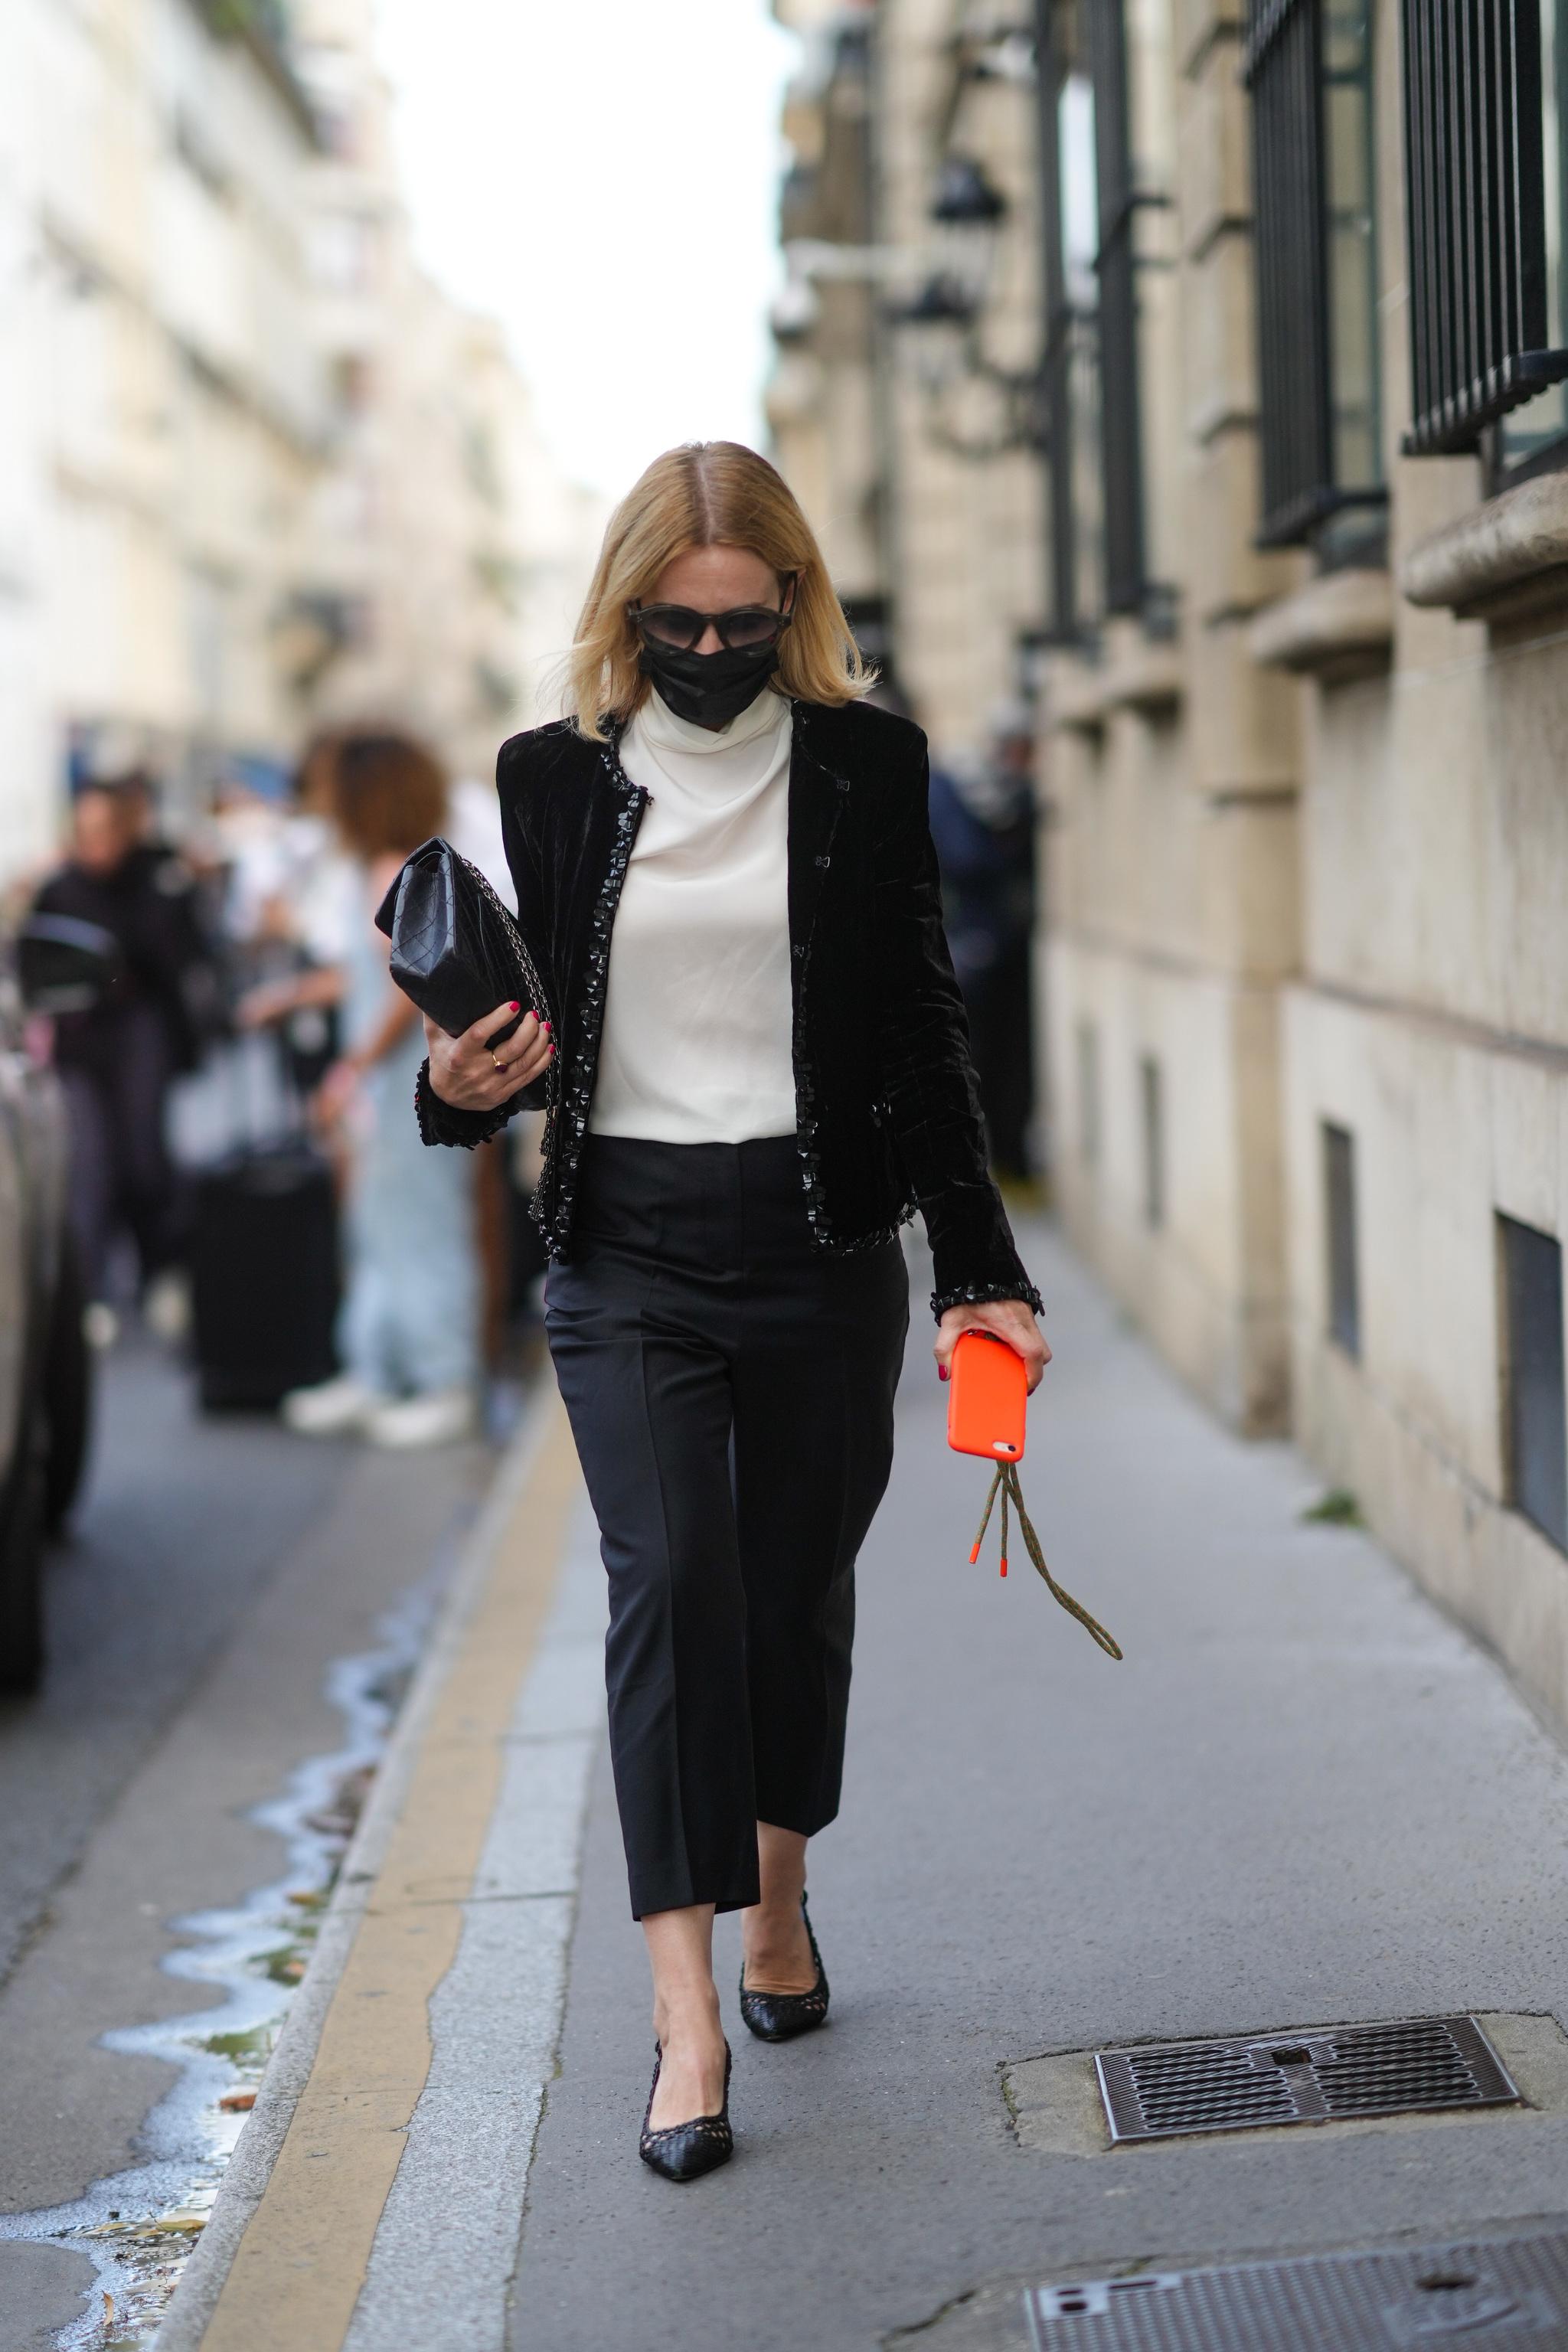 Combina la chaqueta de tweed con pantalón negro y blusa de seda.